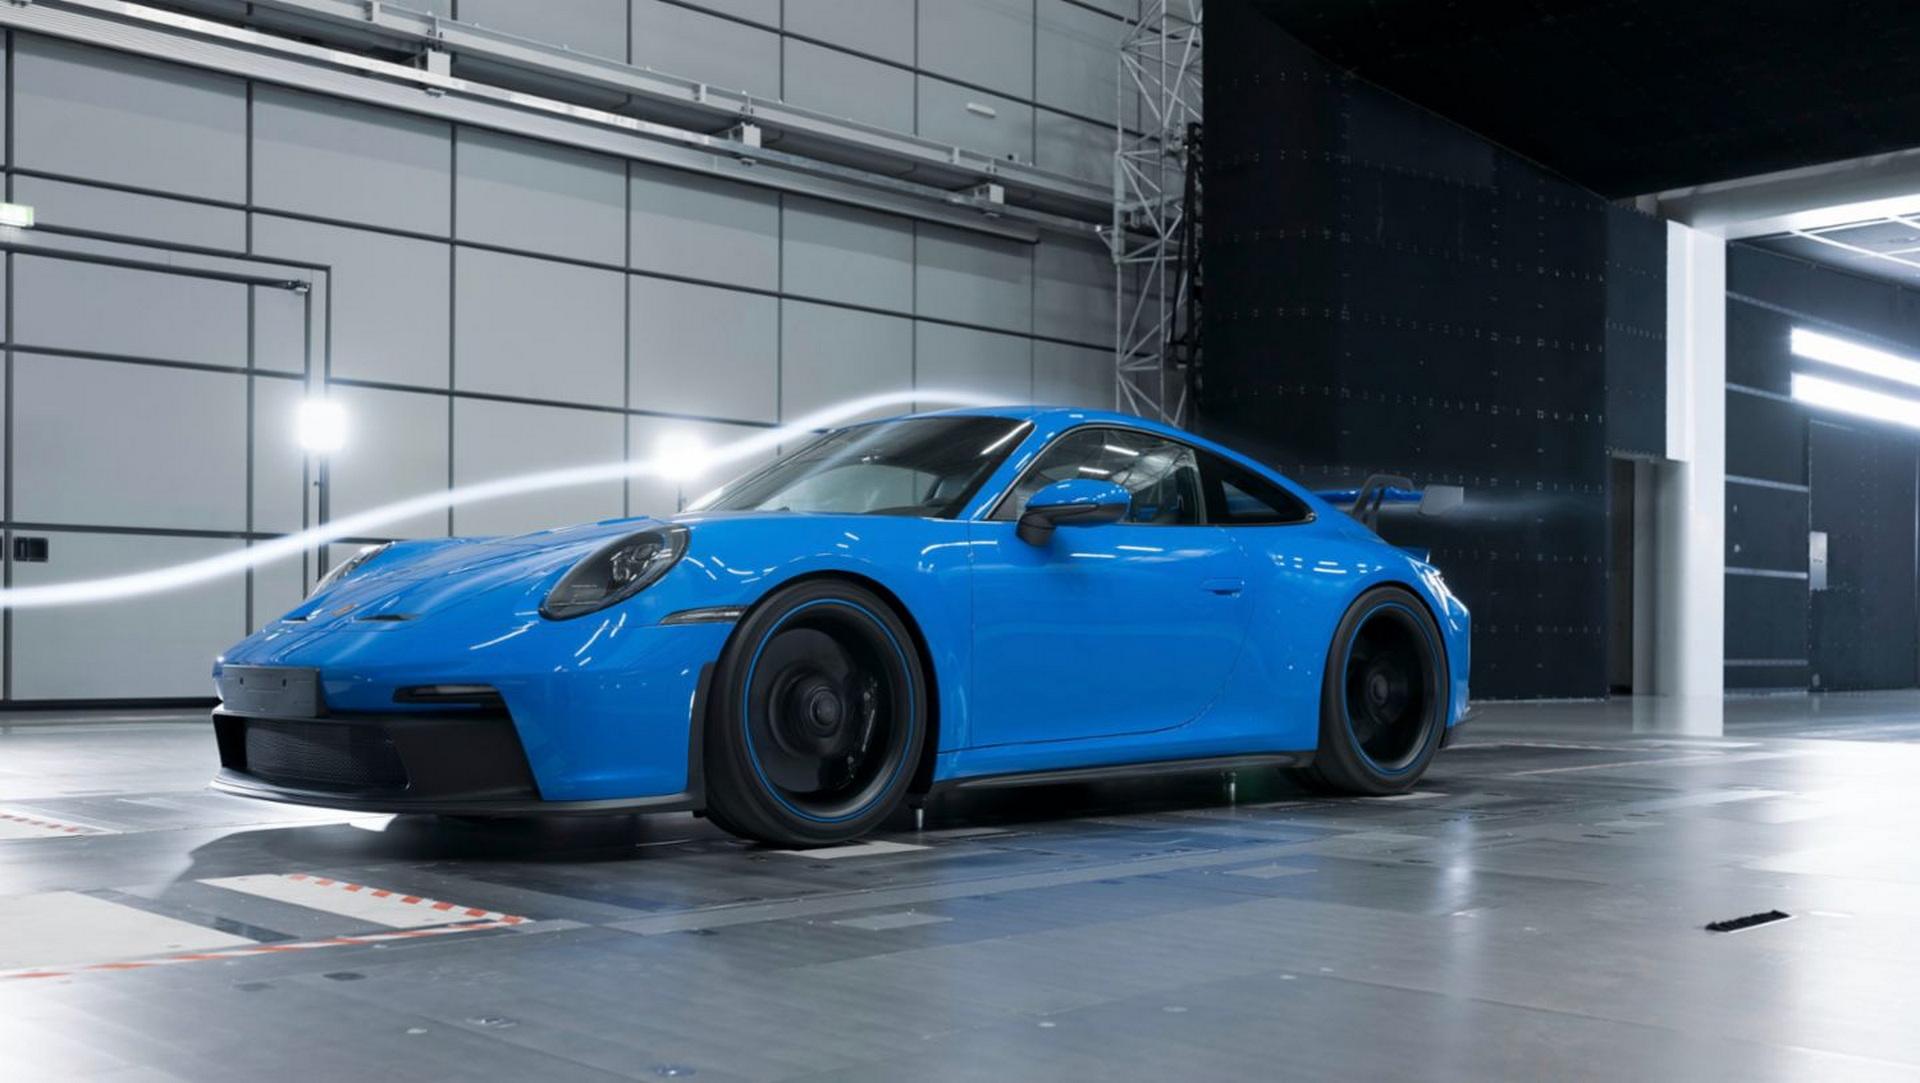 Како е тестирано новото Porsche 911 GT3? 5000 km со постојана брзина од 300 km/h / ВИДЕО